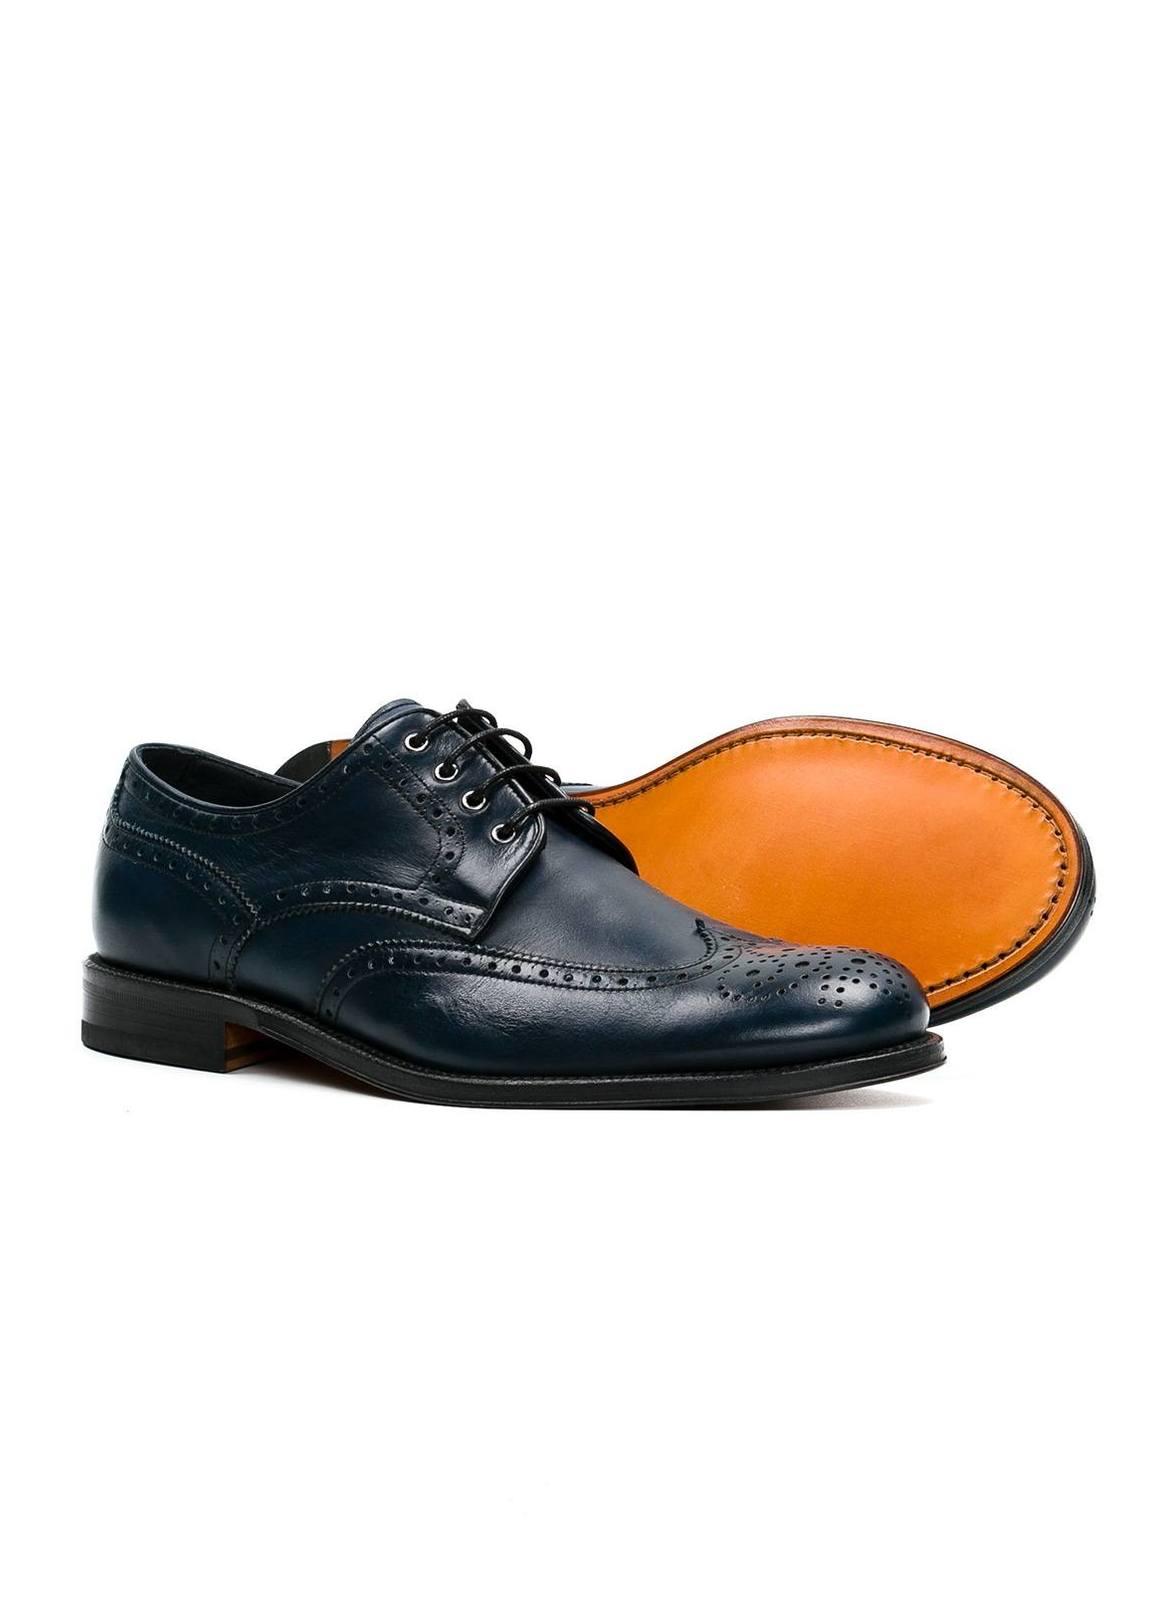 Zapato Formal Wear color azul marino con detalles troquelados, 100% Piel. - Ítem1